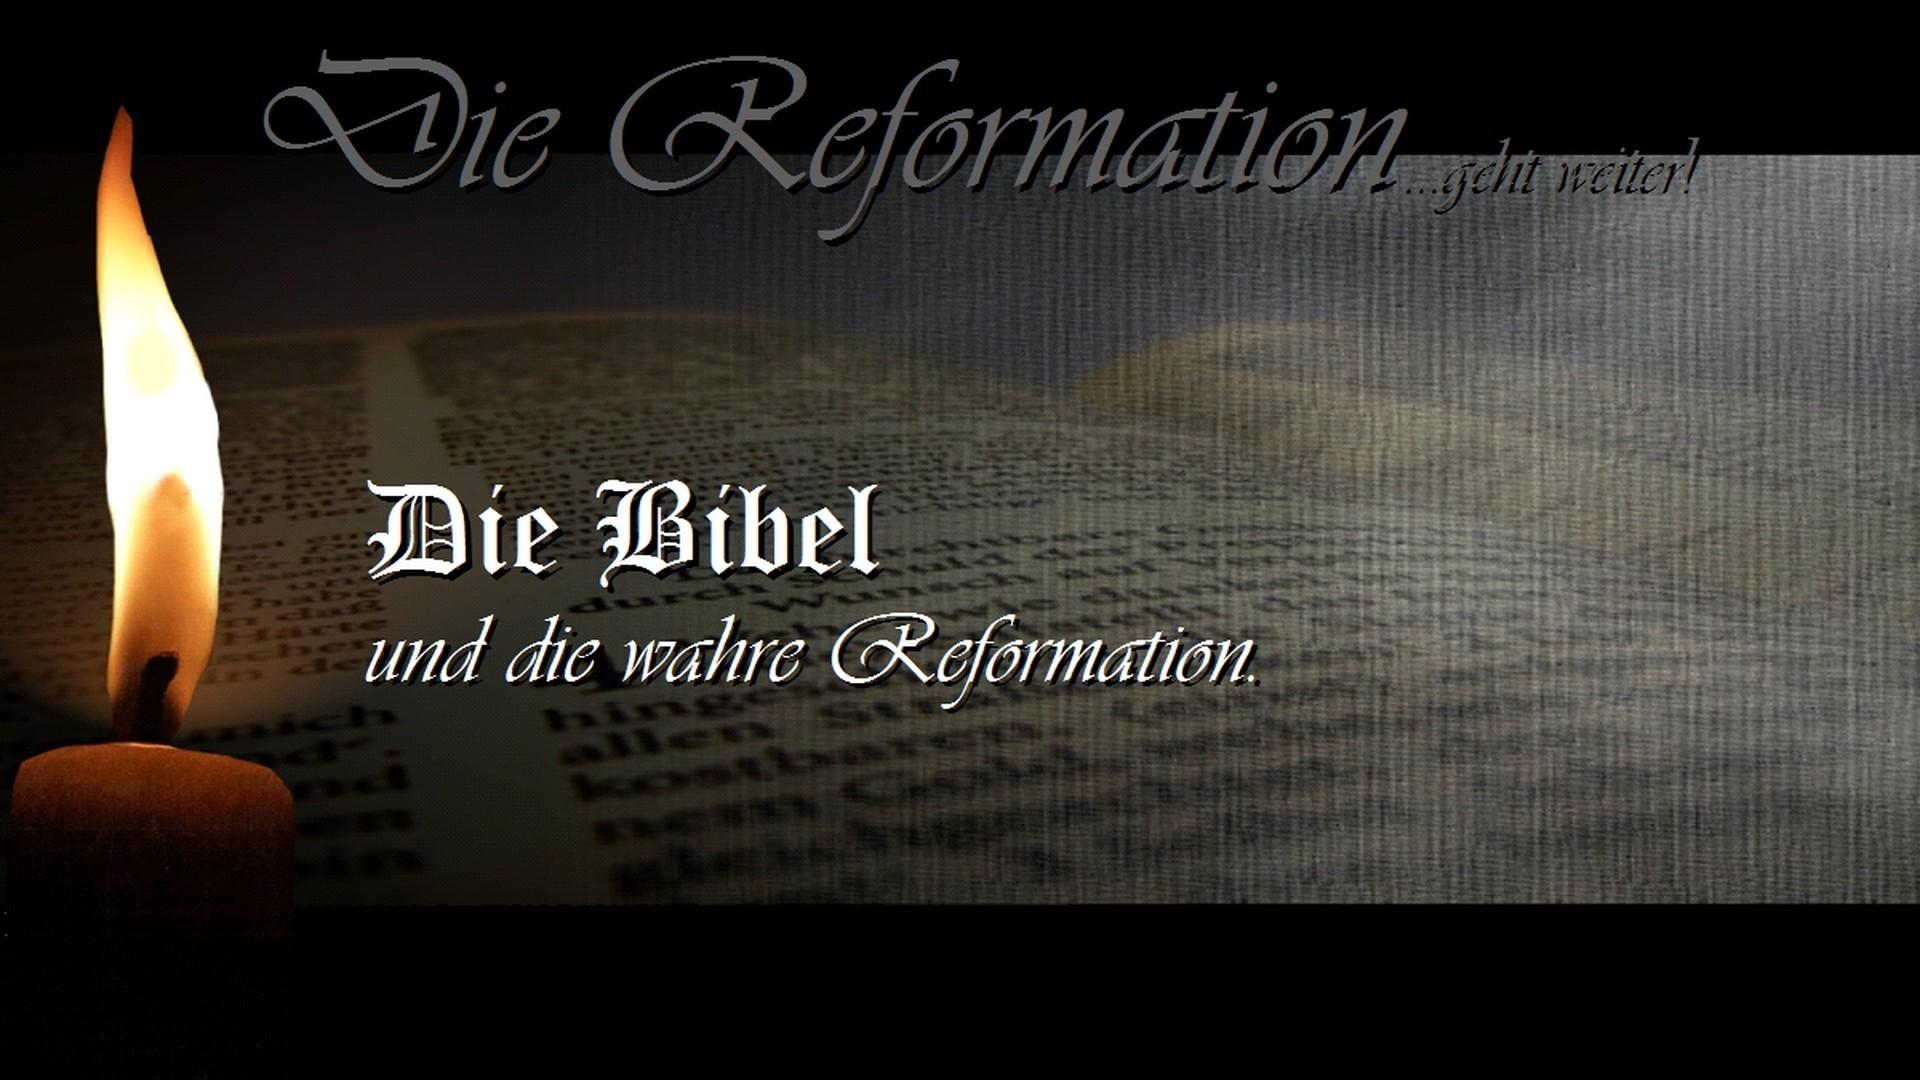 Die Reformation geht weiter! Die Bibel und die wahre Reformation. (REF 1)